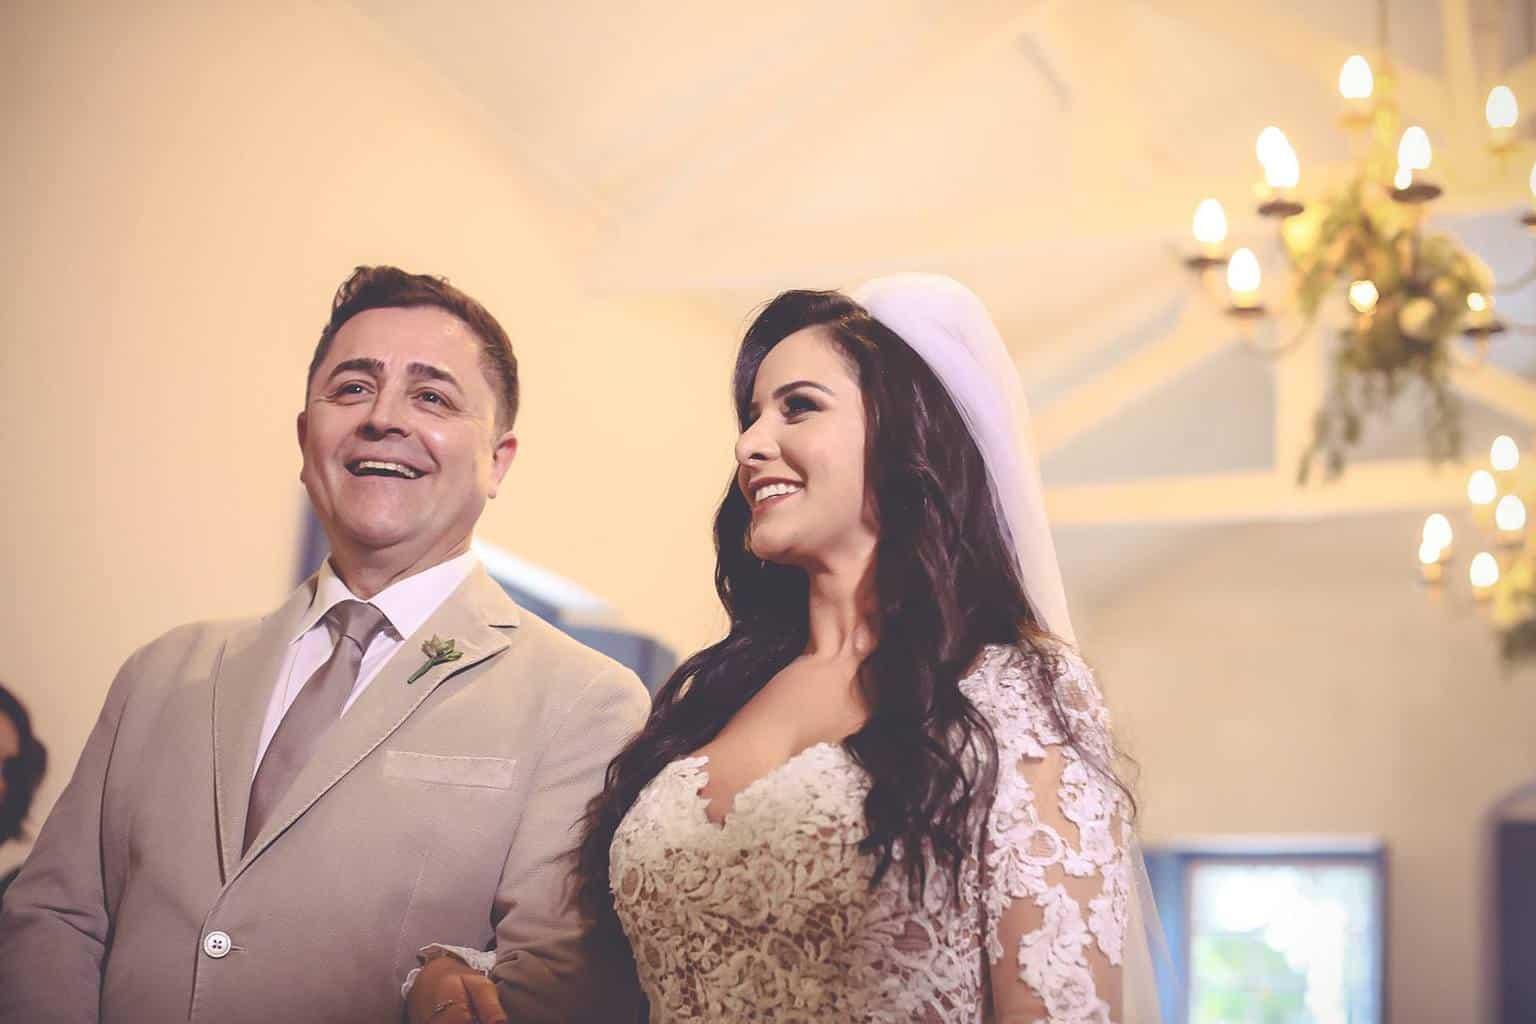 casamento-ariane-e-antonio-carlos-caseme-foto-silvia-penati-68